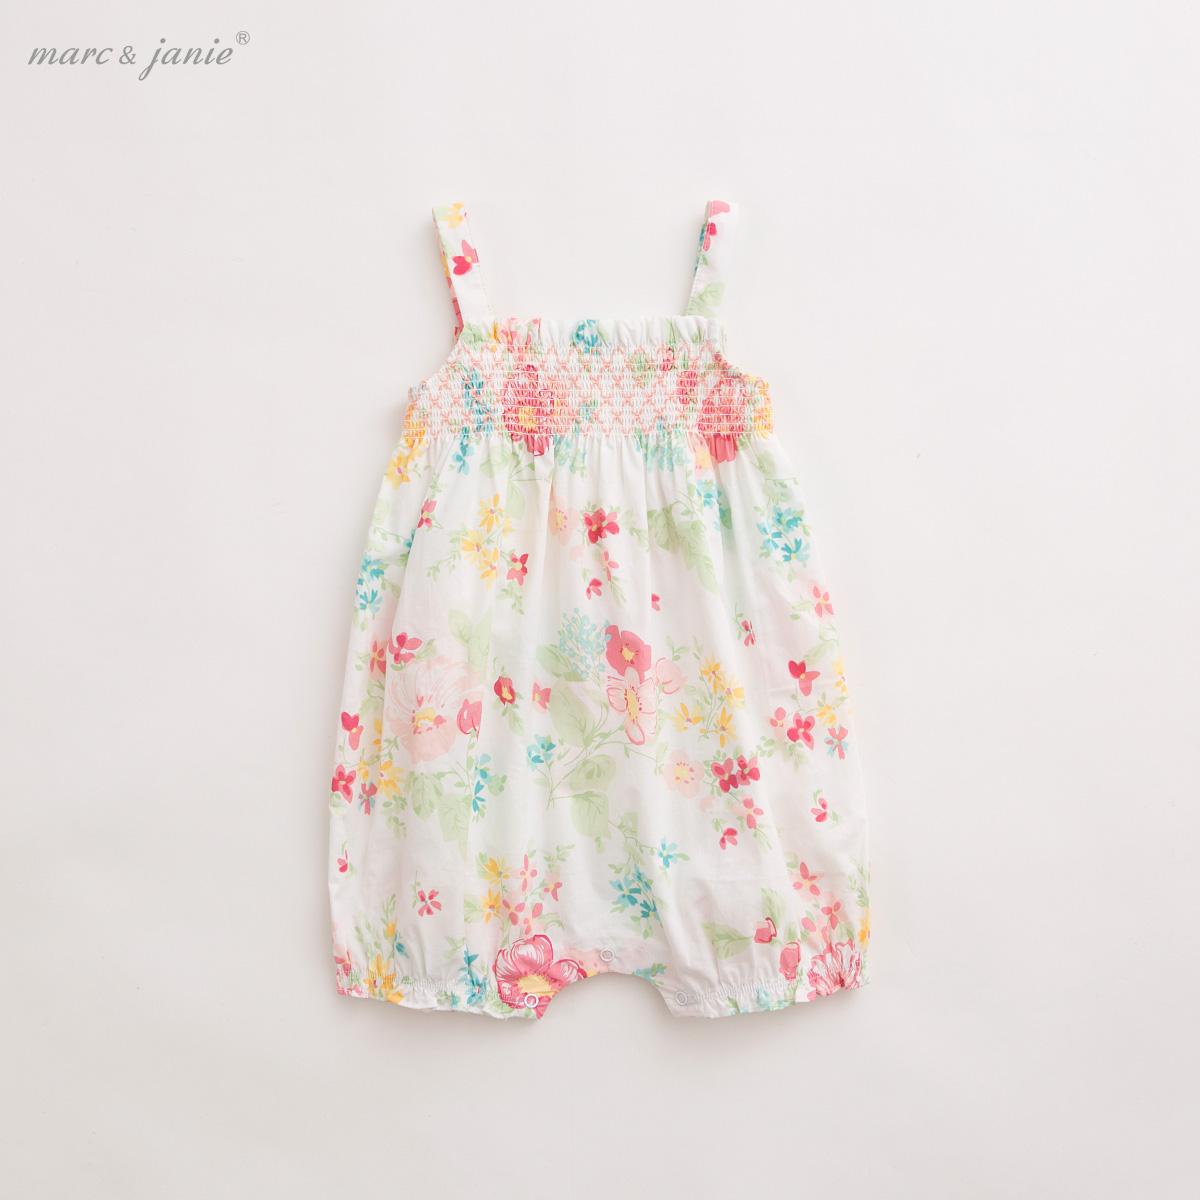 马克珍妮2018婴儿夏装女宝宝吊带连体衣  新生儿衣服童装15356